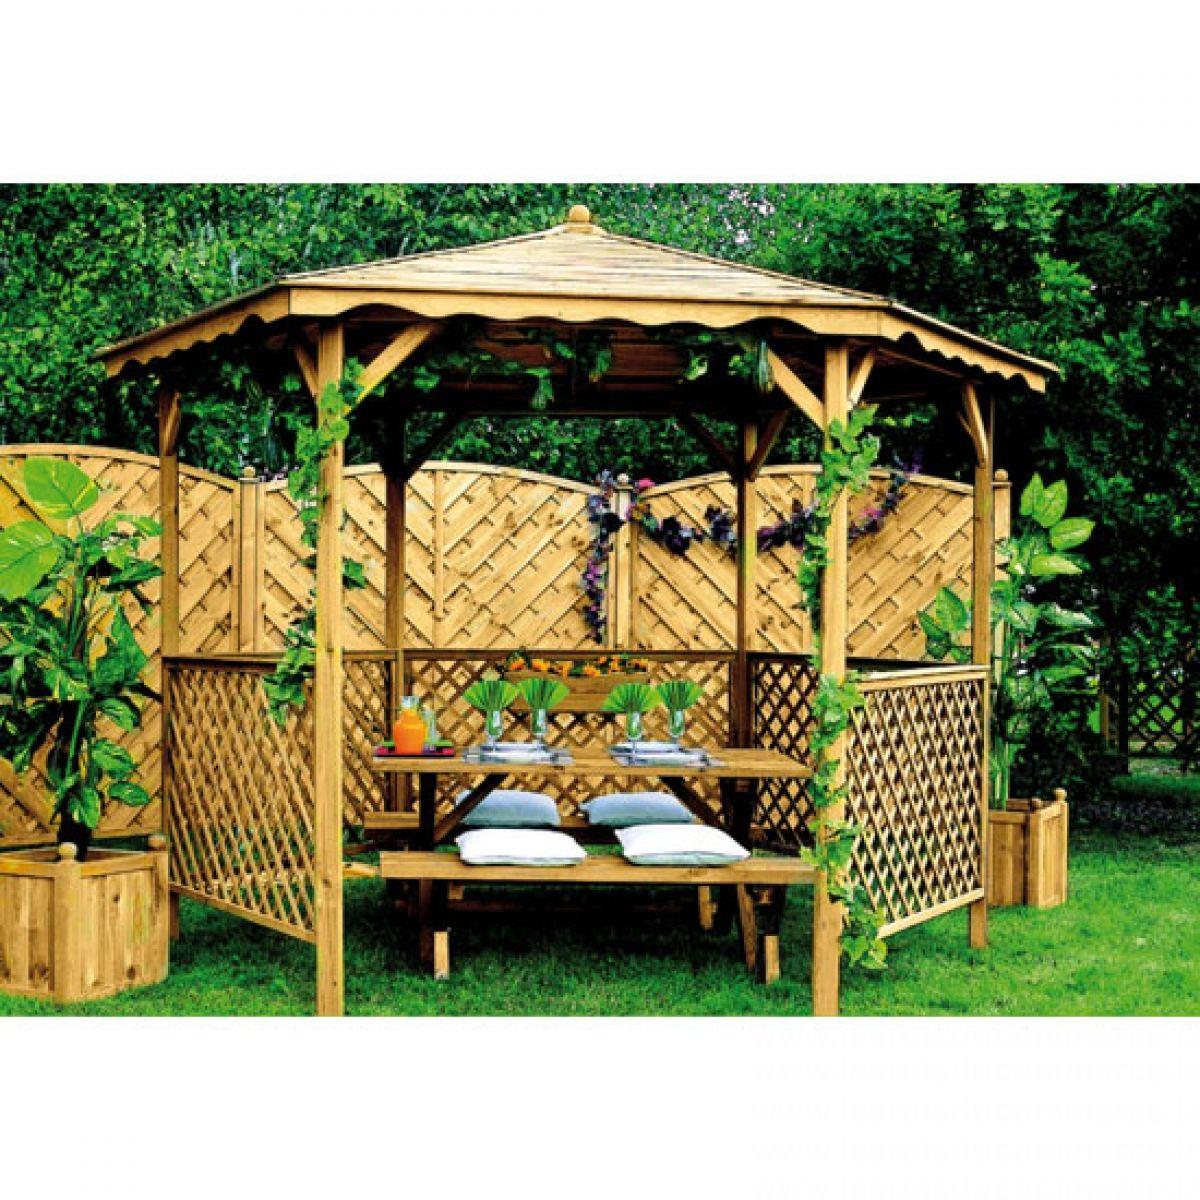 Kiosque De Jardin | Kiosque Jardin, Jardins En Bois Et ... dedans Tonnelle De Jardin Pas Cher Carrefour